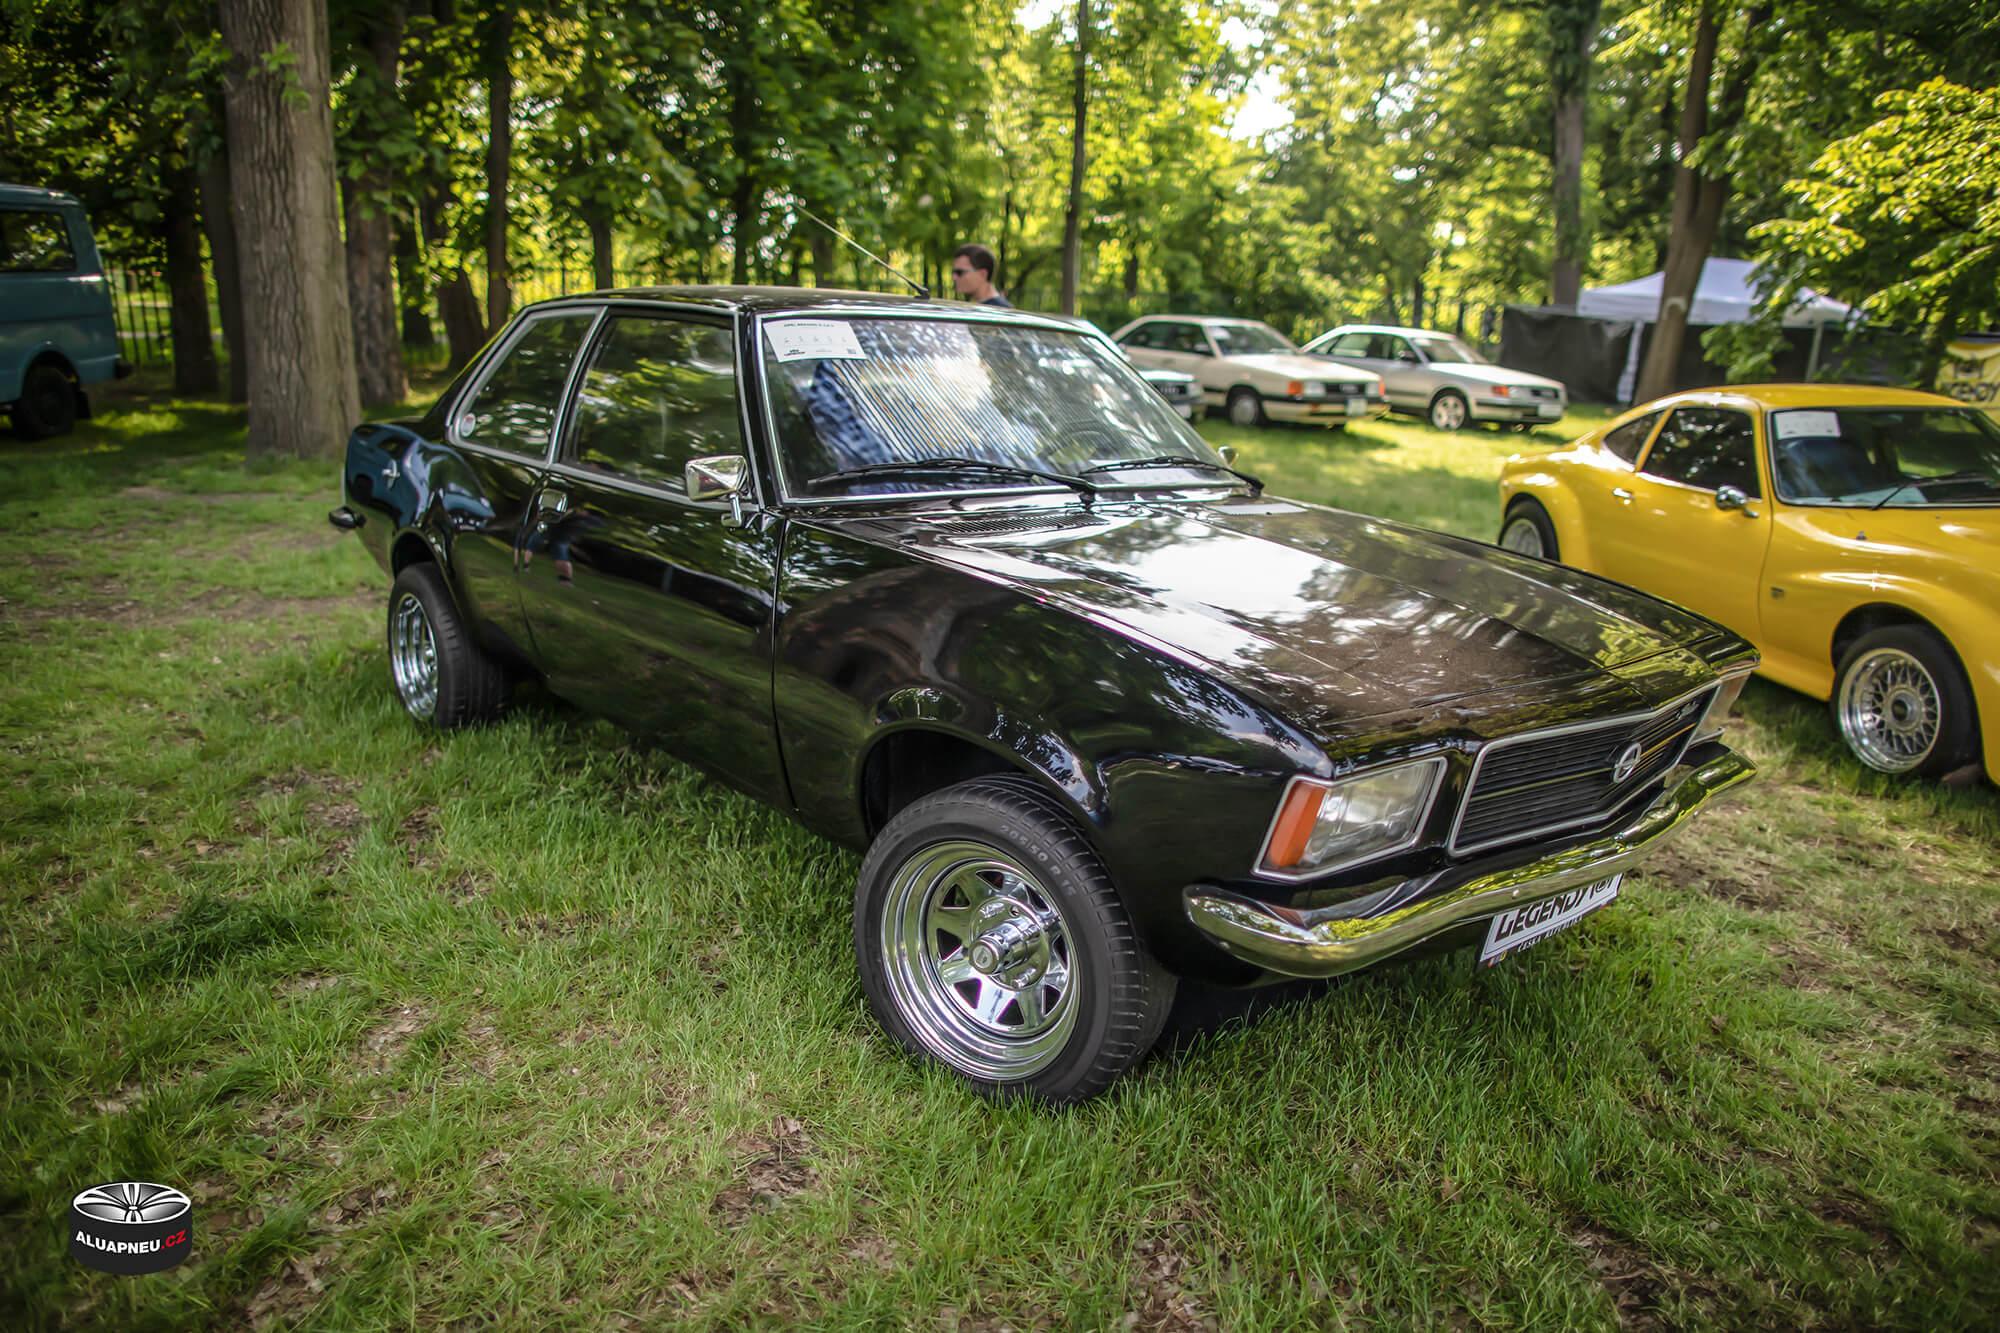 Opel black - Youngtimer - www.aluapneu.cz